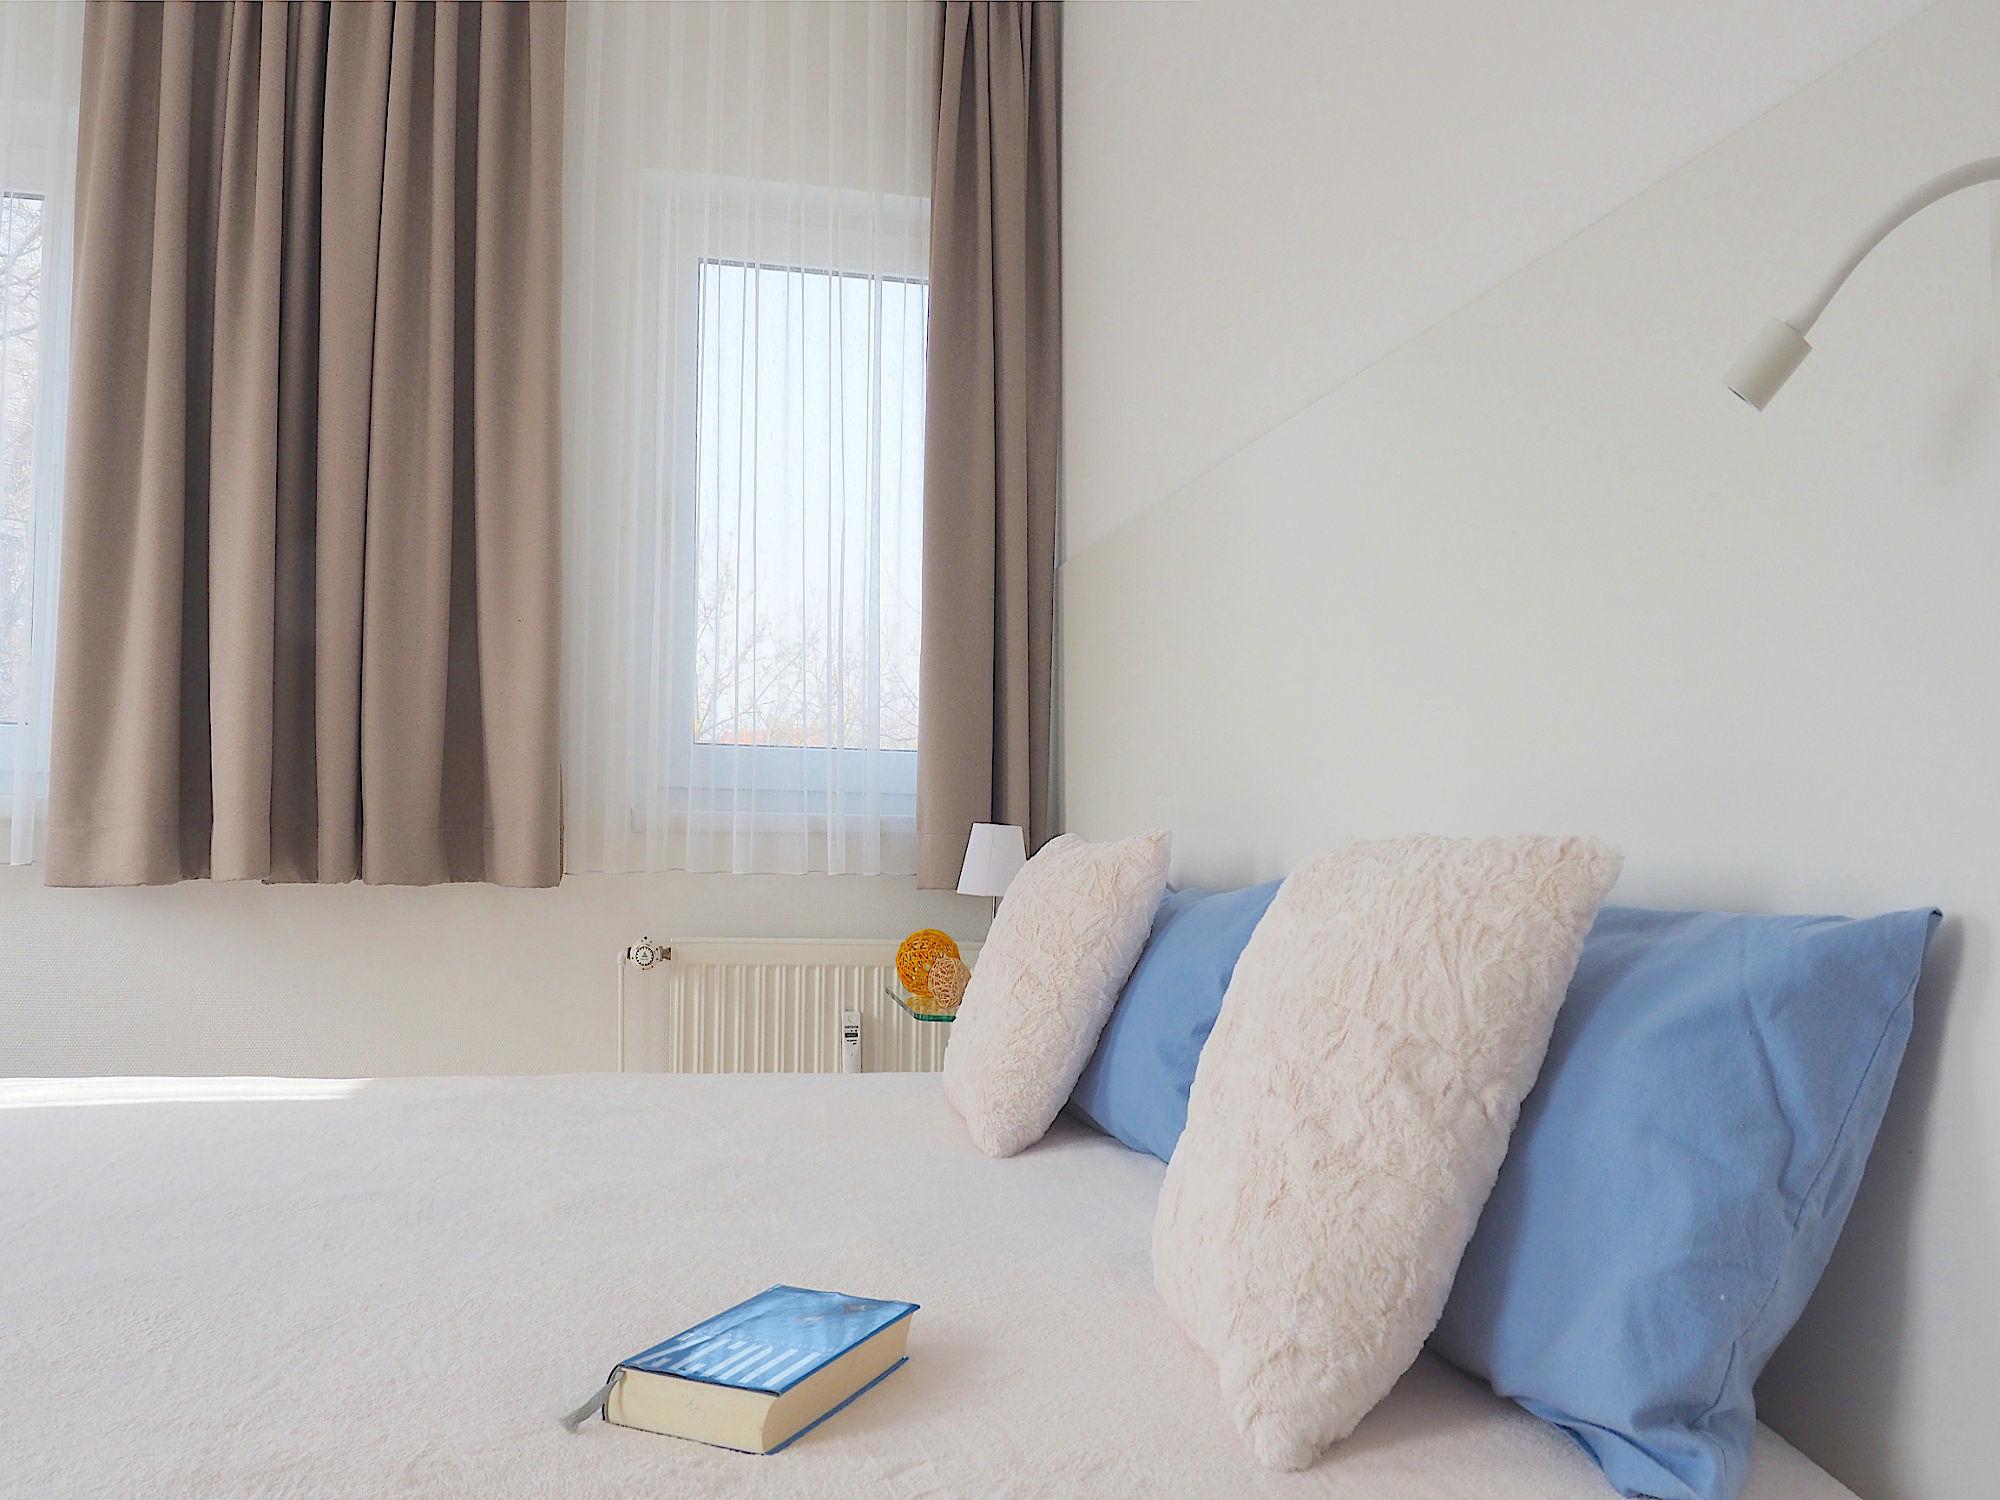 Zweites Schlafzimmer mit Doppelbett, hinter dem Kopfende ein breites Fenster